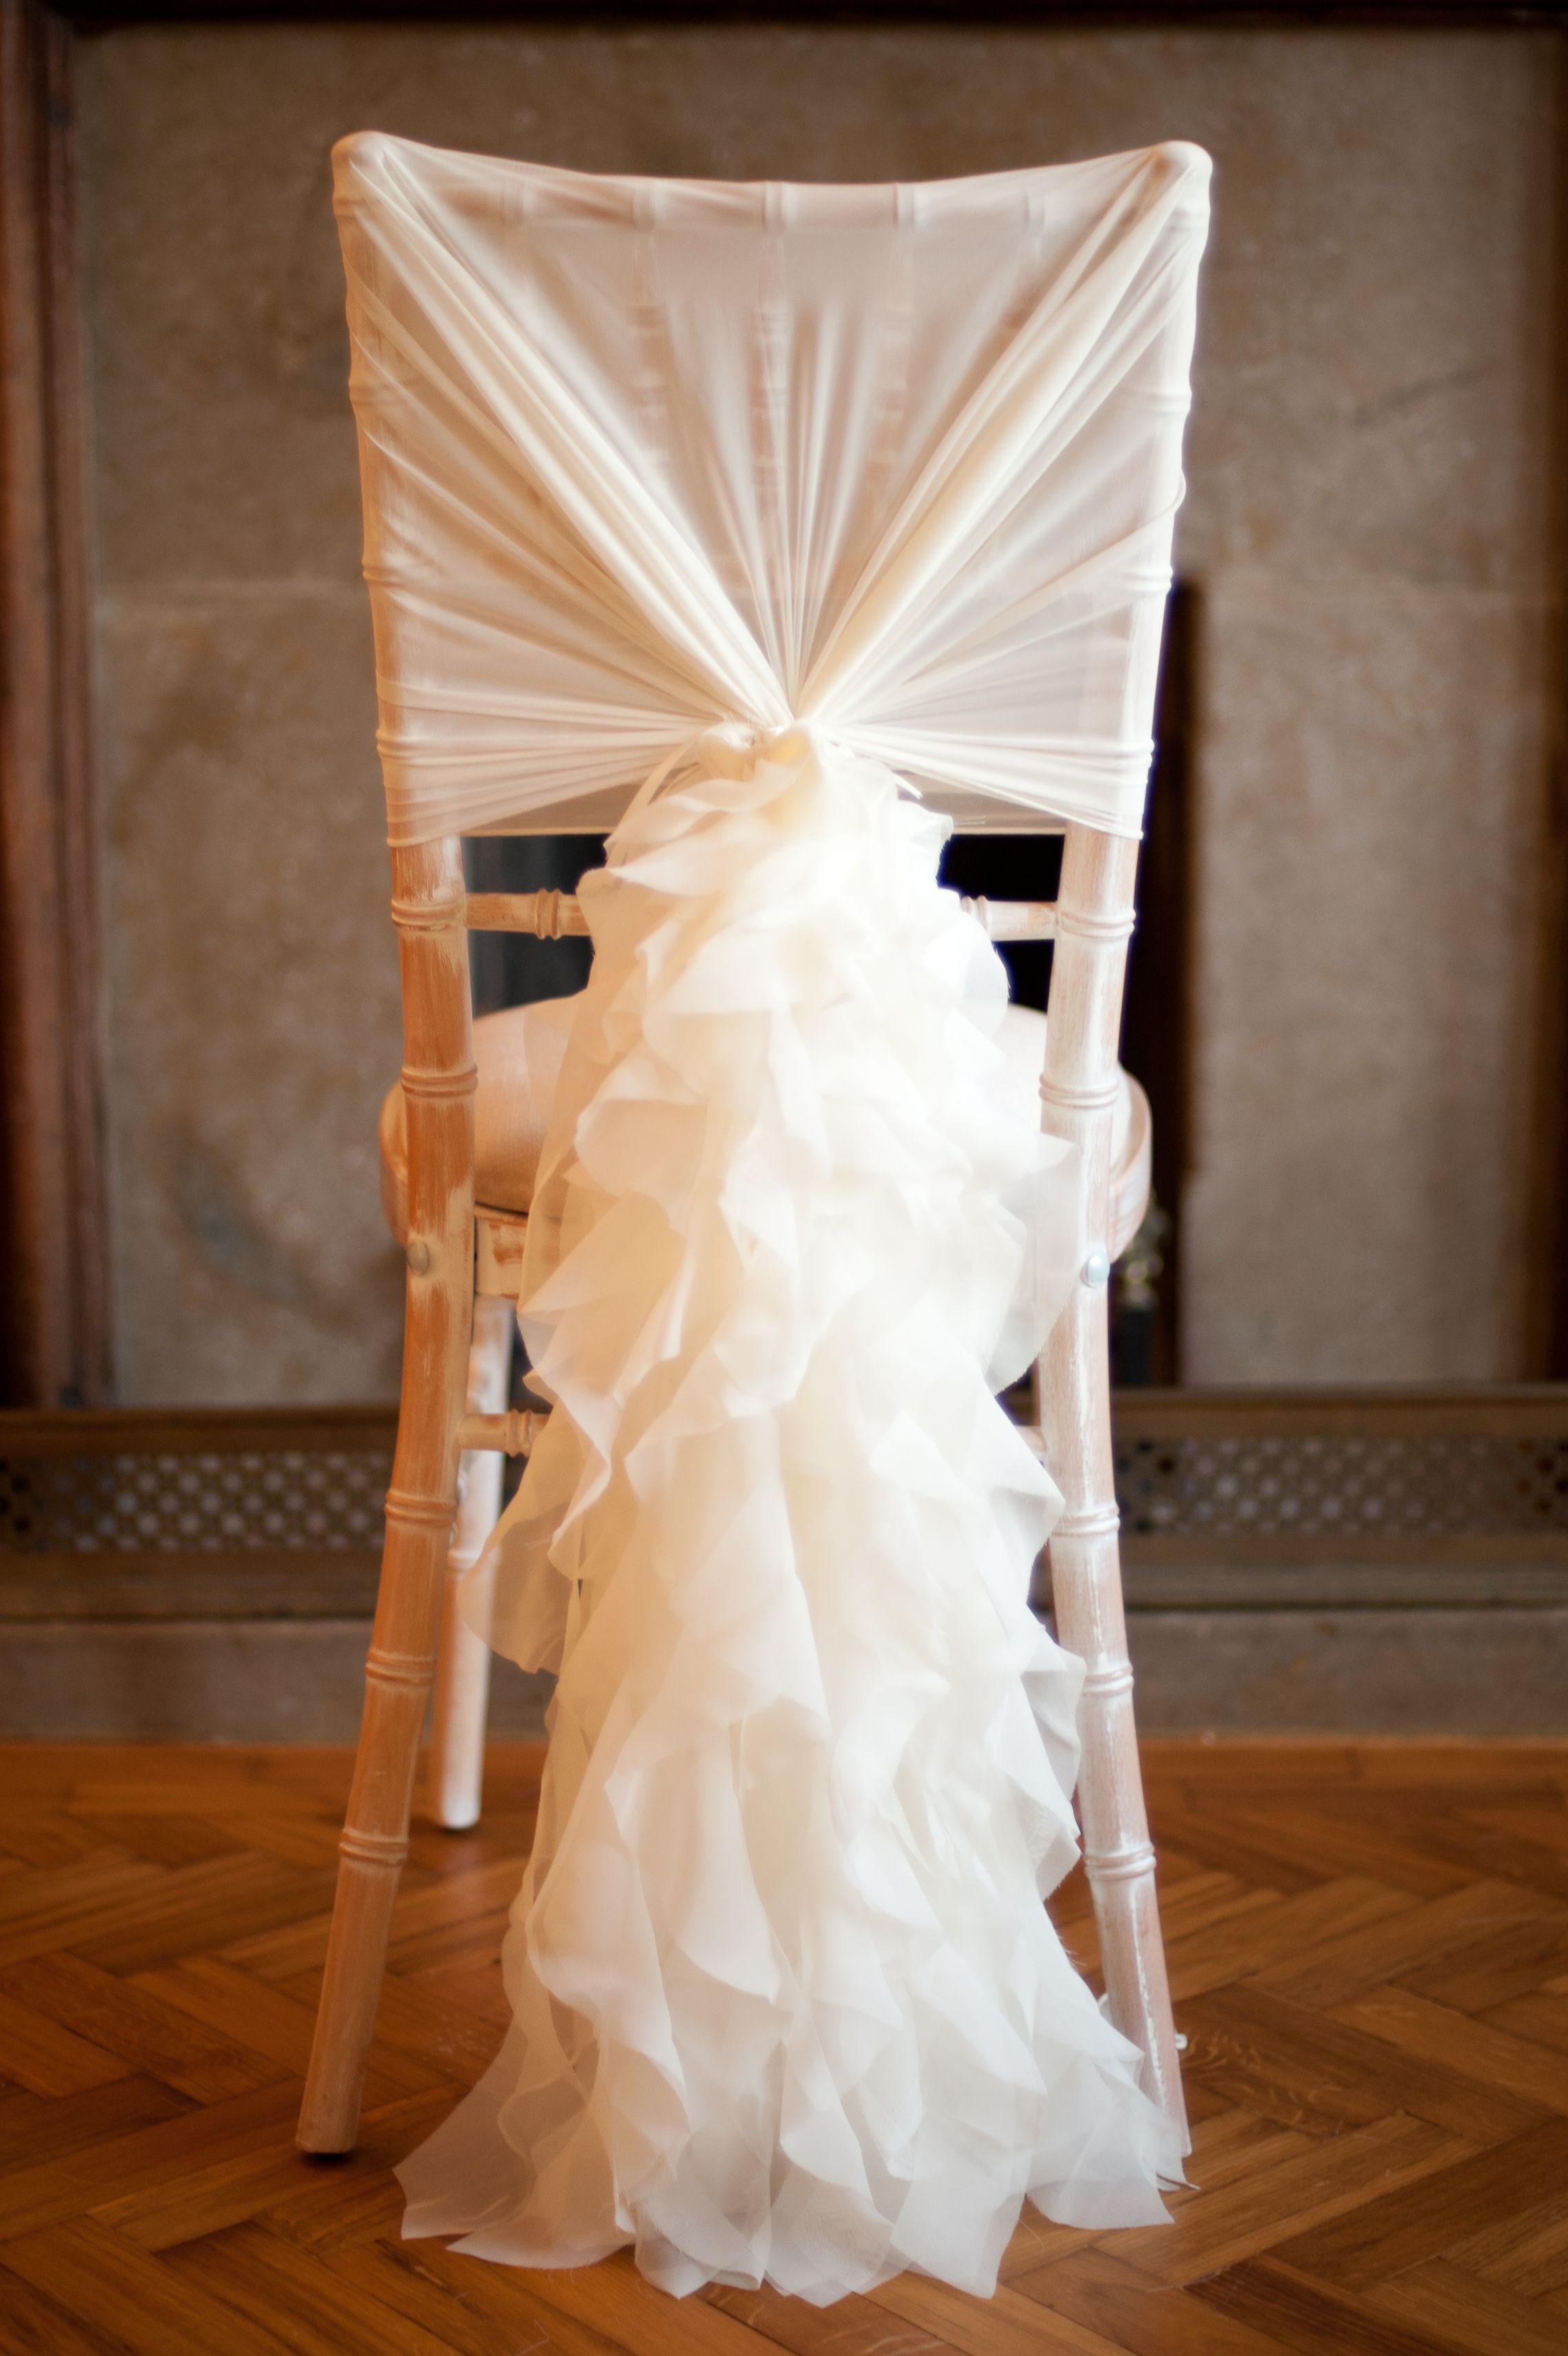 Maui wedding dinner cabana decor chair sashes by Hawaiian Rents